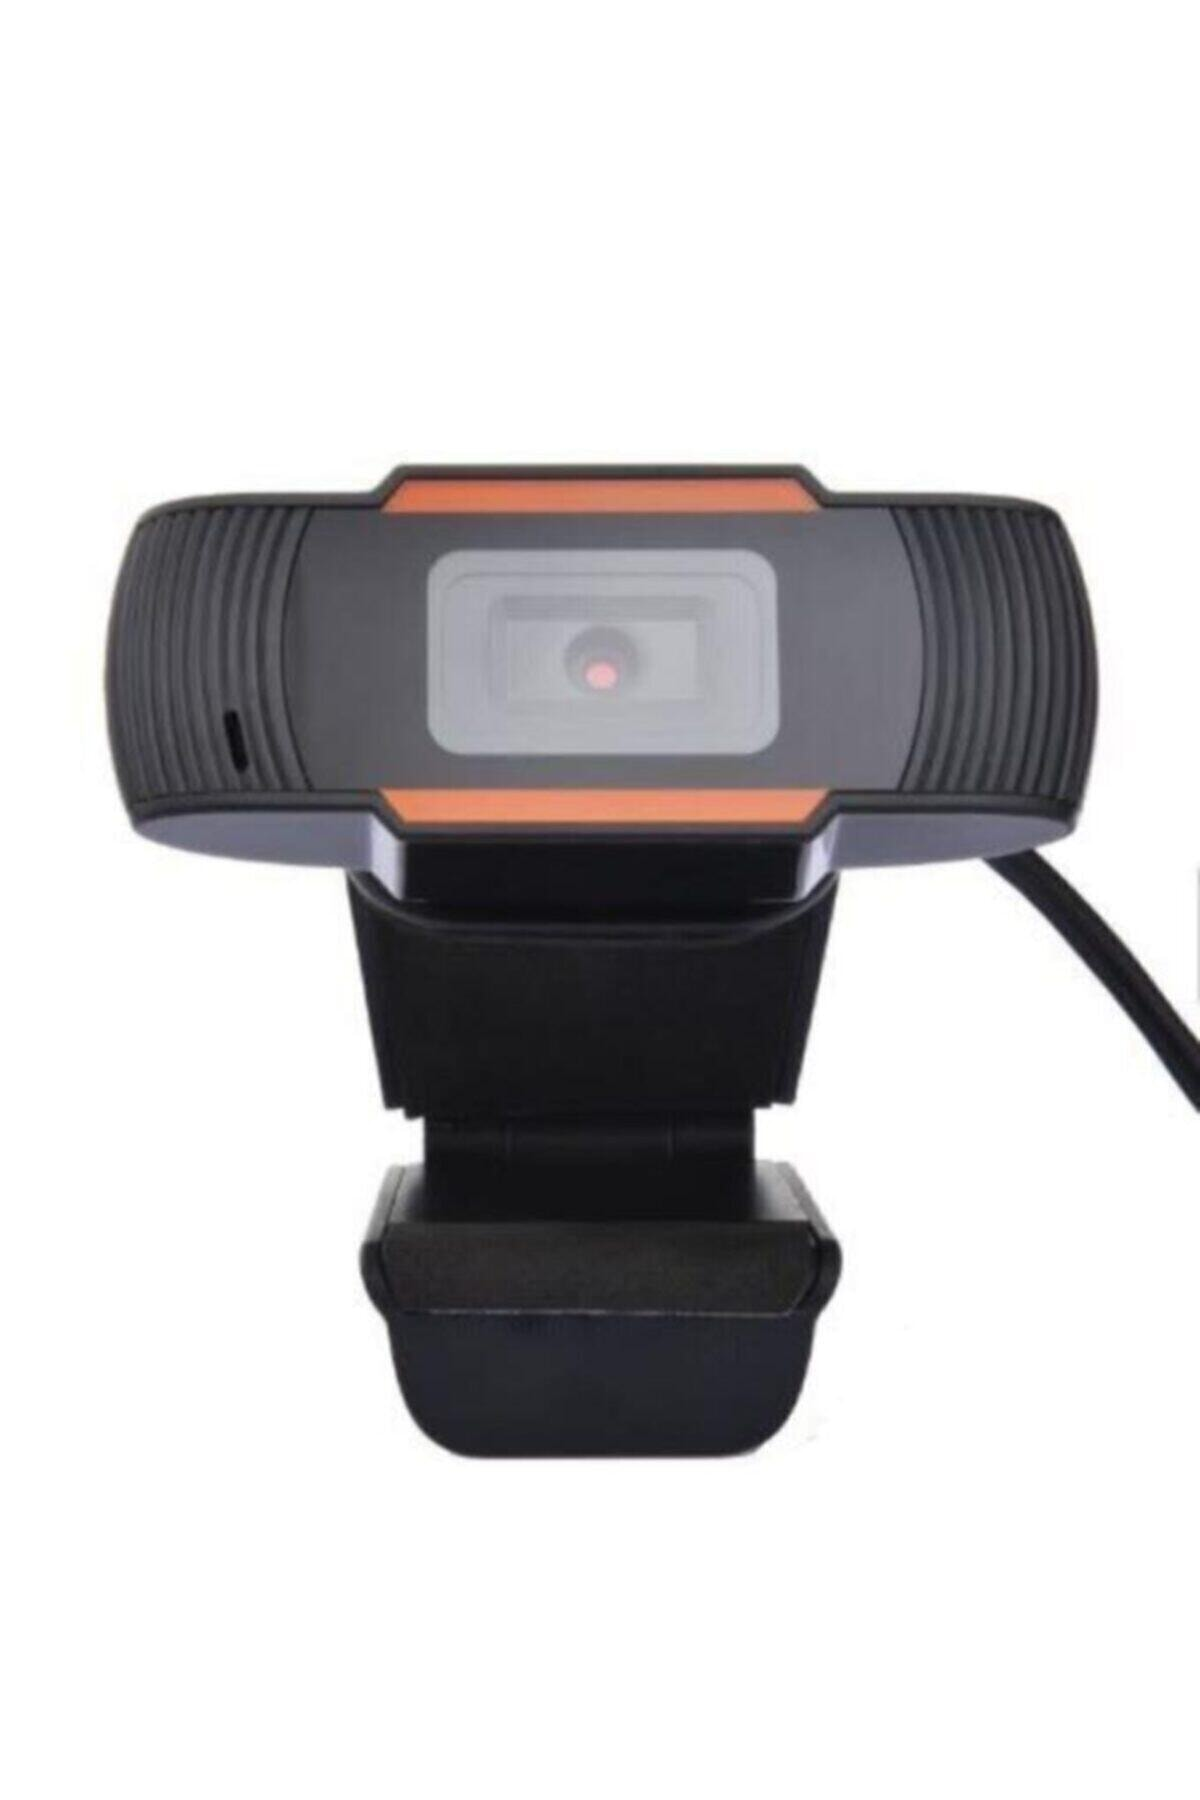 LESGO 1080p Yüksek Kalite Ses Ve Görüntü 2 Mp Webcam 1